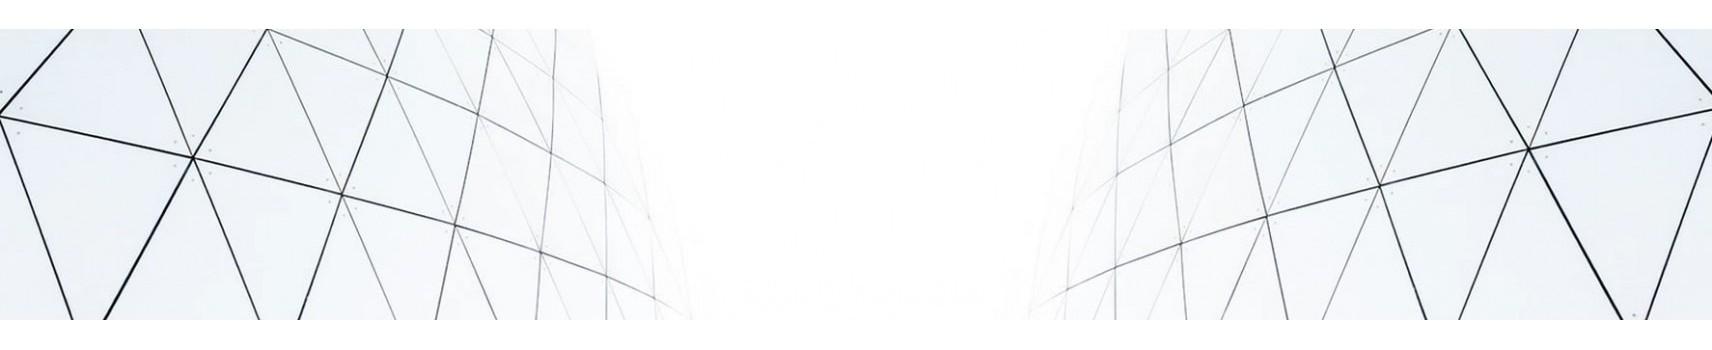 Colchones Antiescaras| La Mejor Selección al Mejor Precio